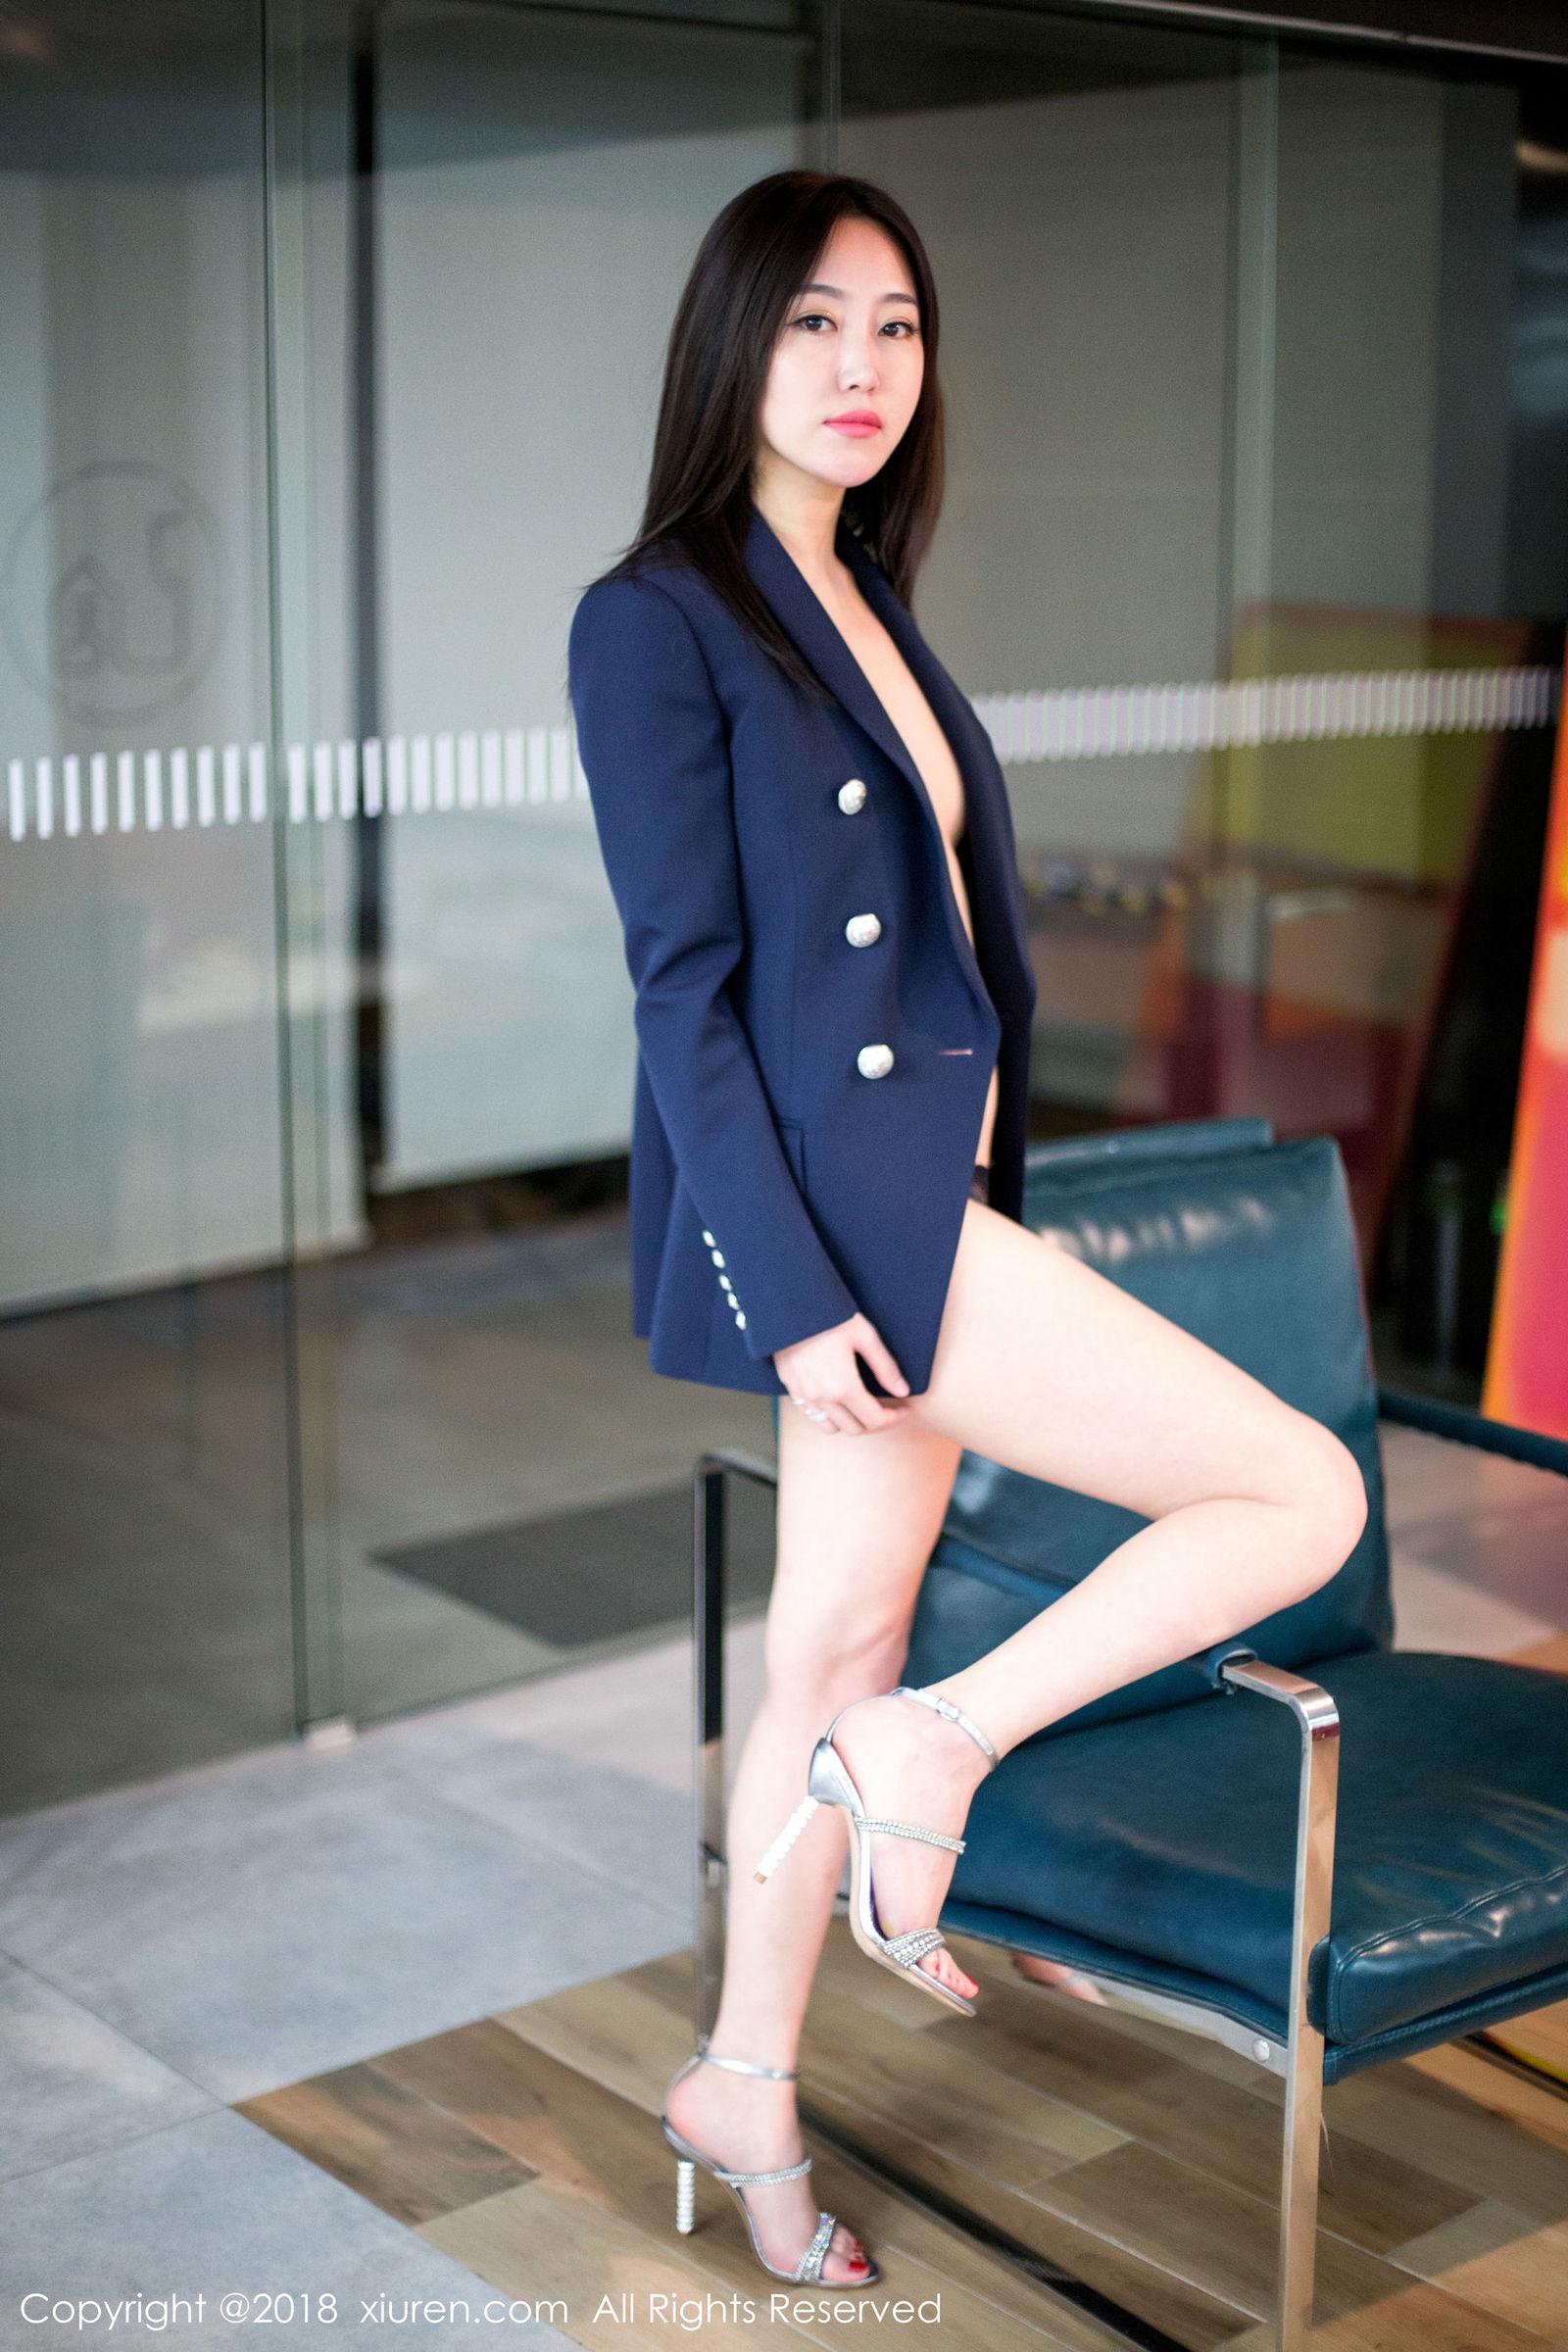 新人模特@艺文Eva第二套写真